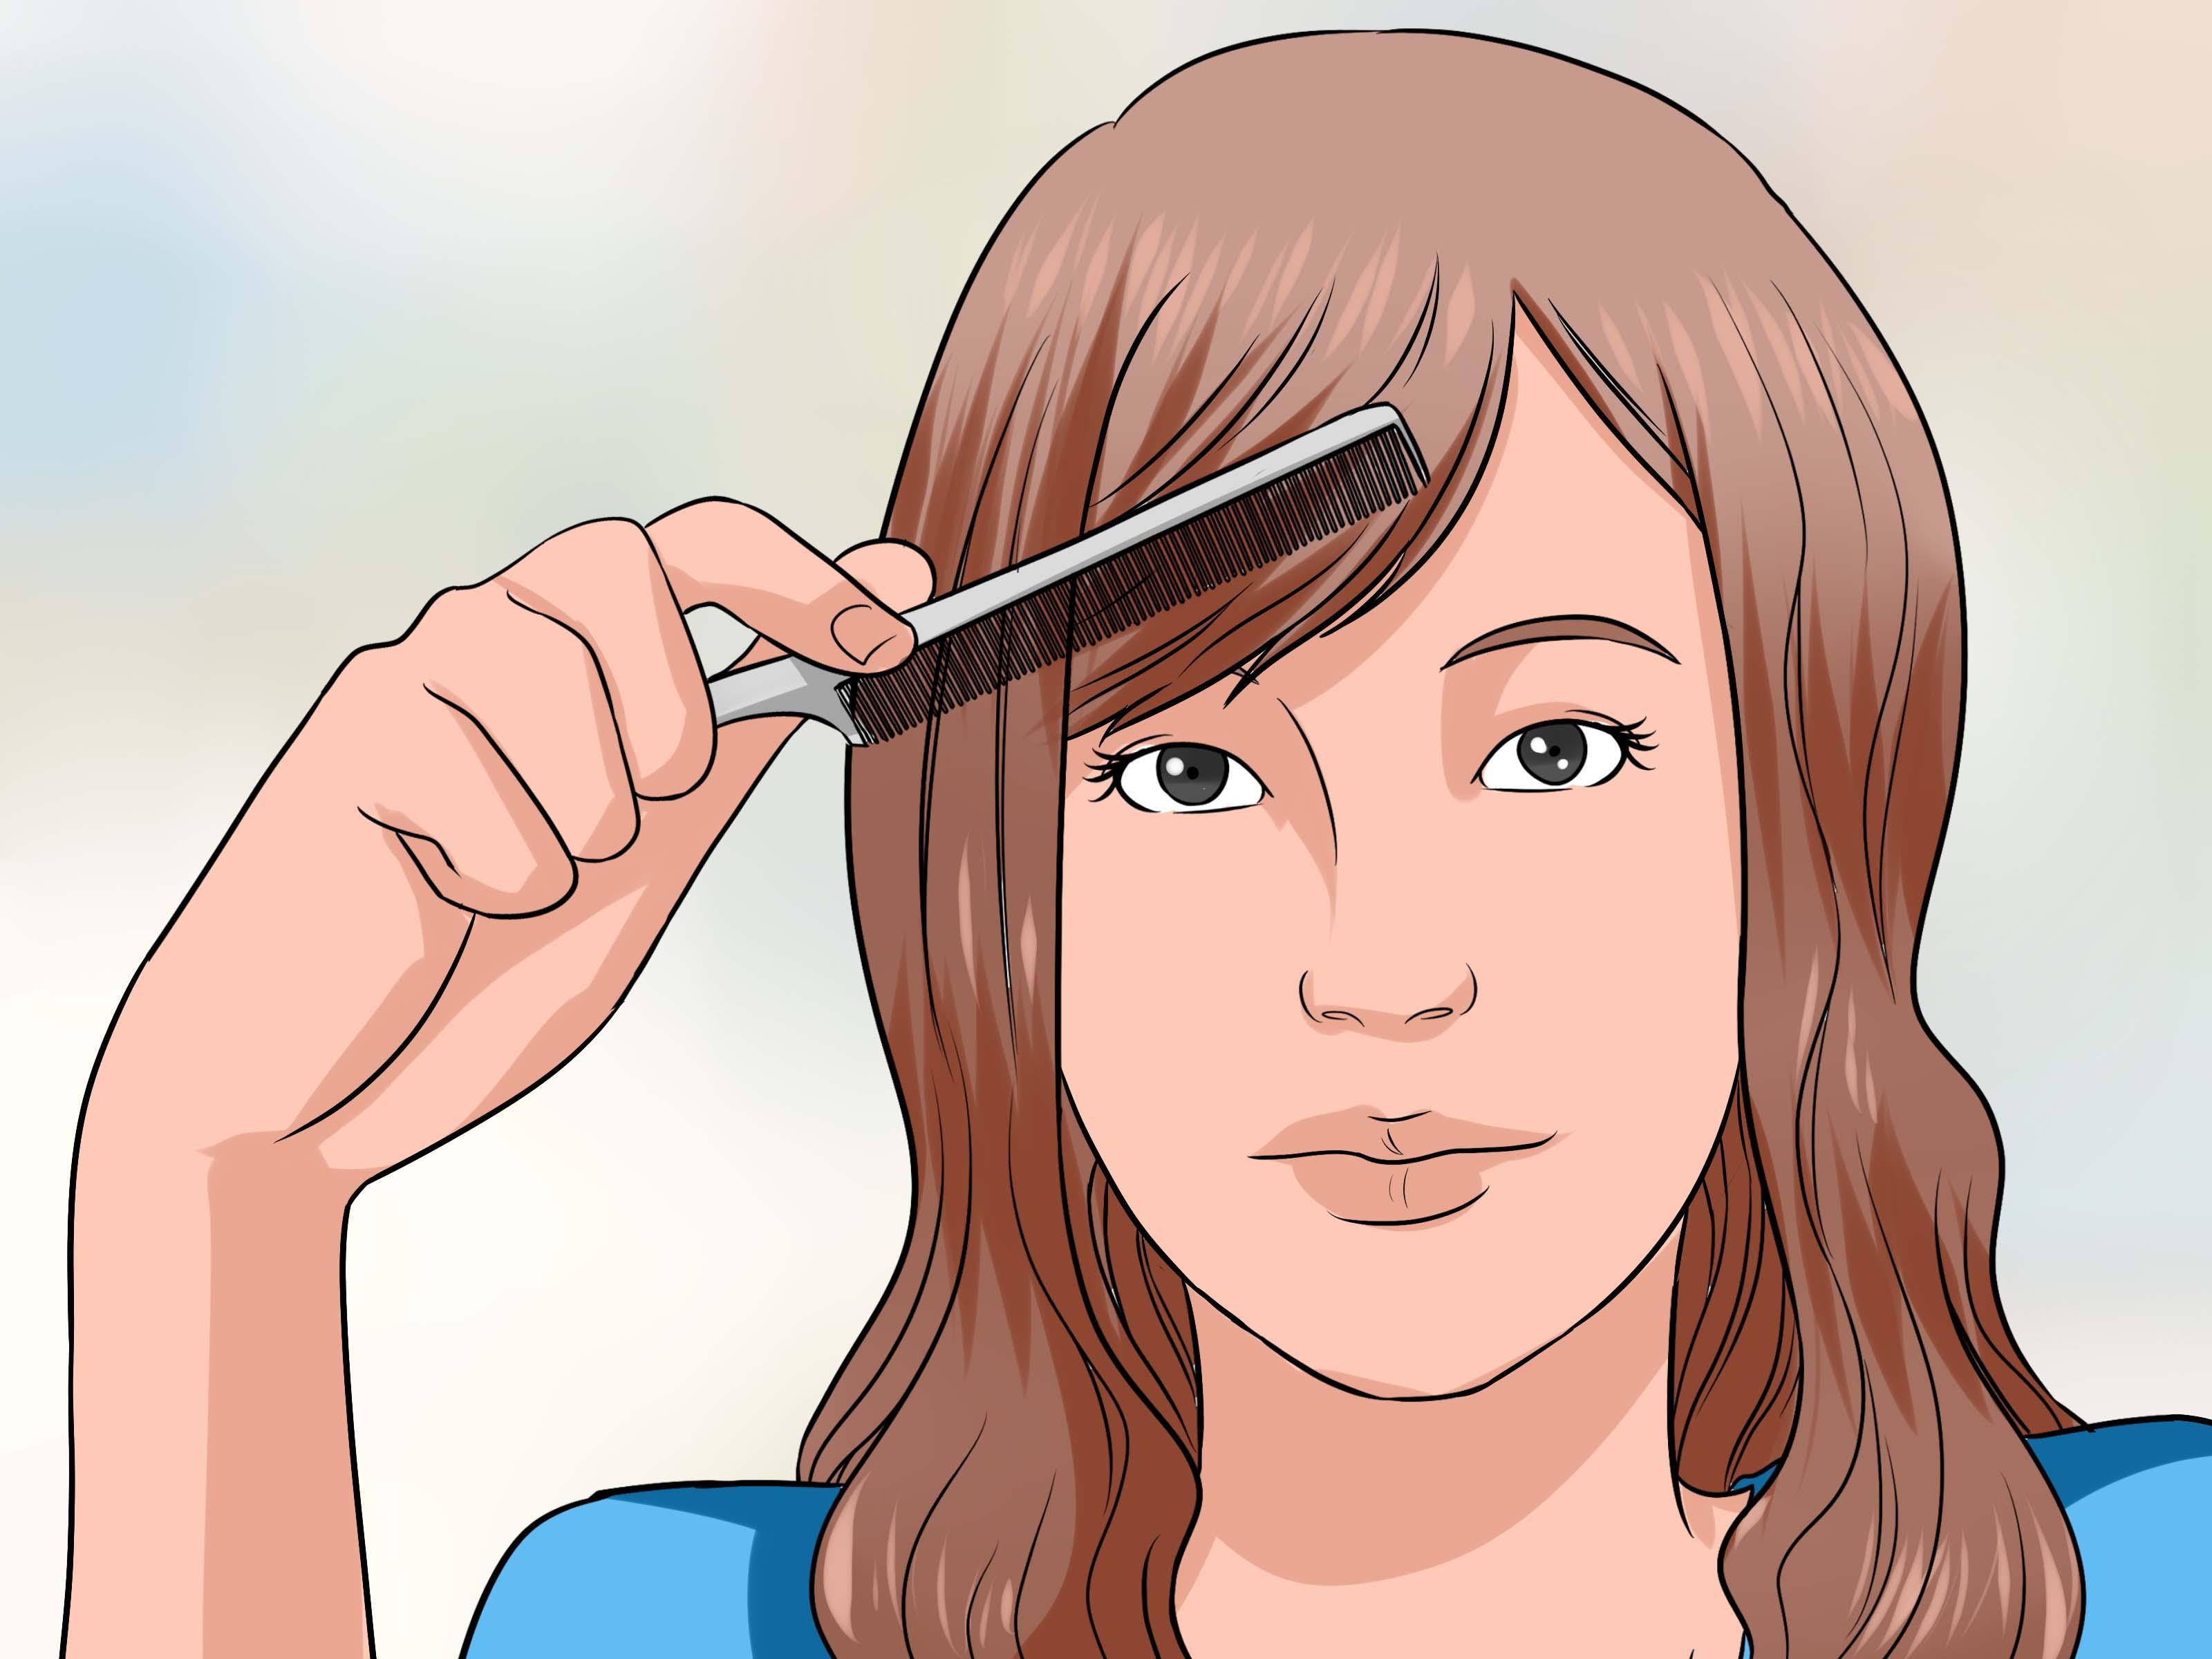 Отрастить волосы за неделю в домашних условиях. эффективные средства для быстрого роста волос